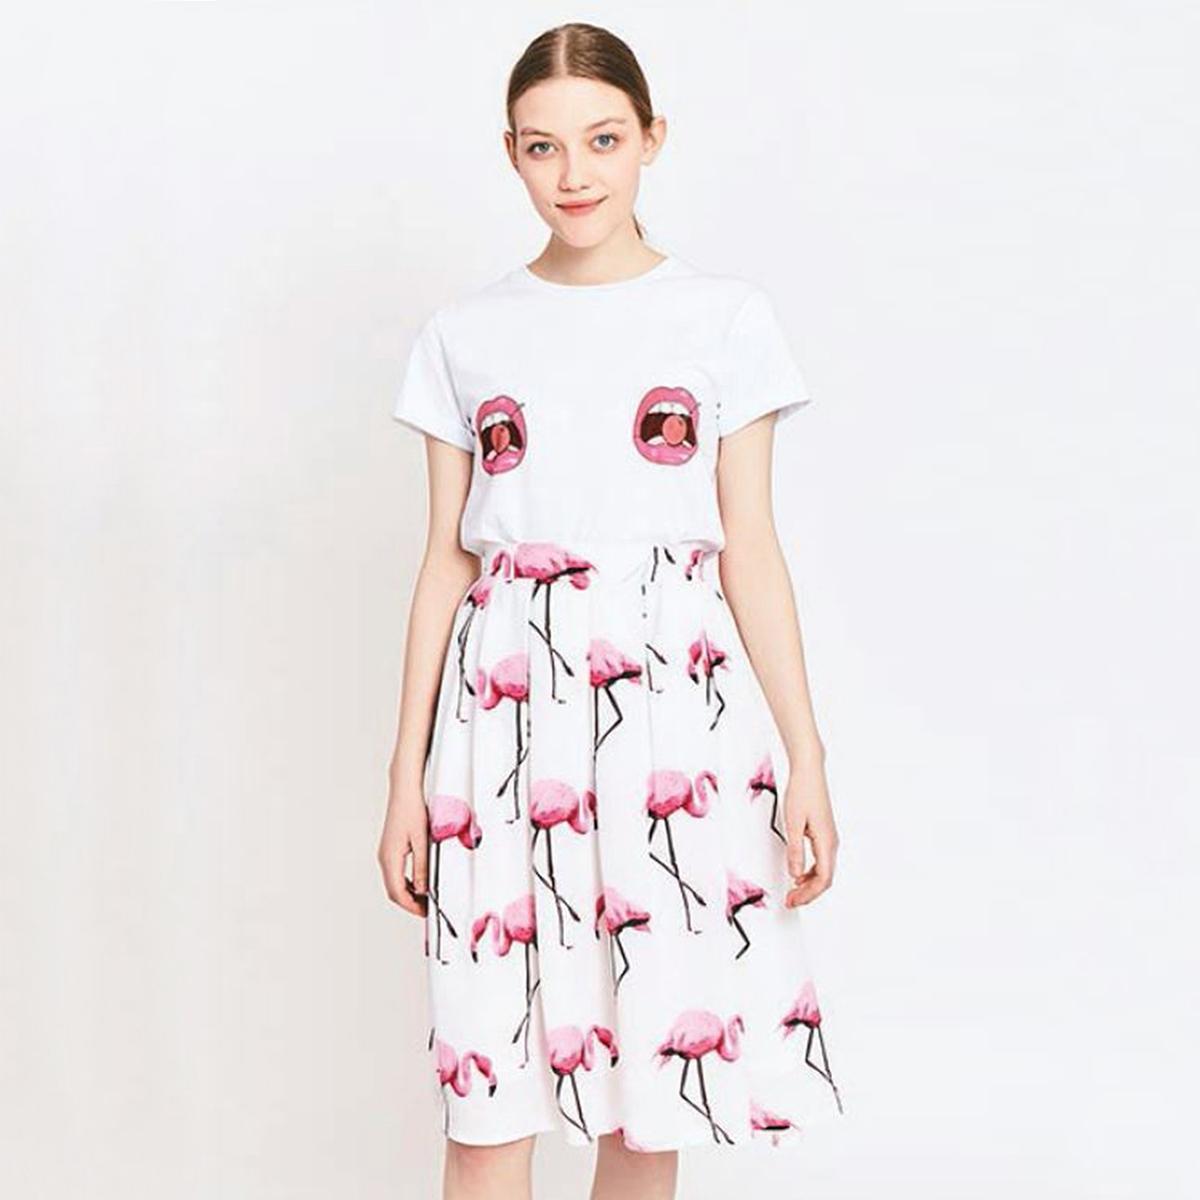 Юбка с рисунком розовый фламингоМатериал : 100% полиэстер  Рисунок : анималистический  Длина юбки : короткая<br><br>Цвет: рисунок белый/розовый